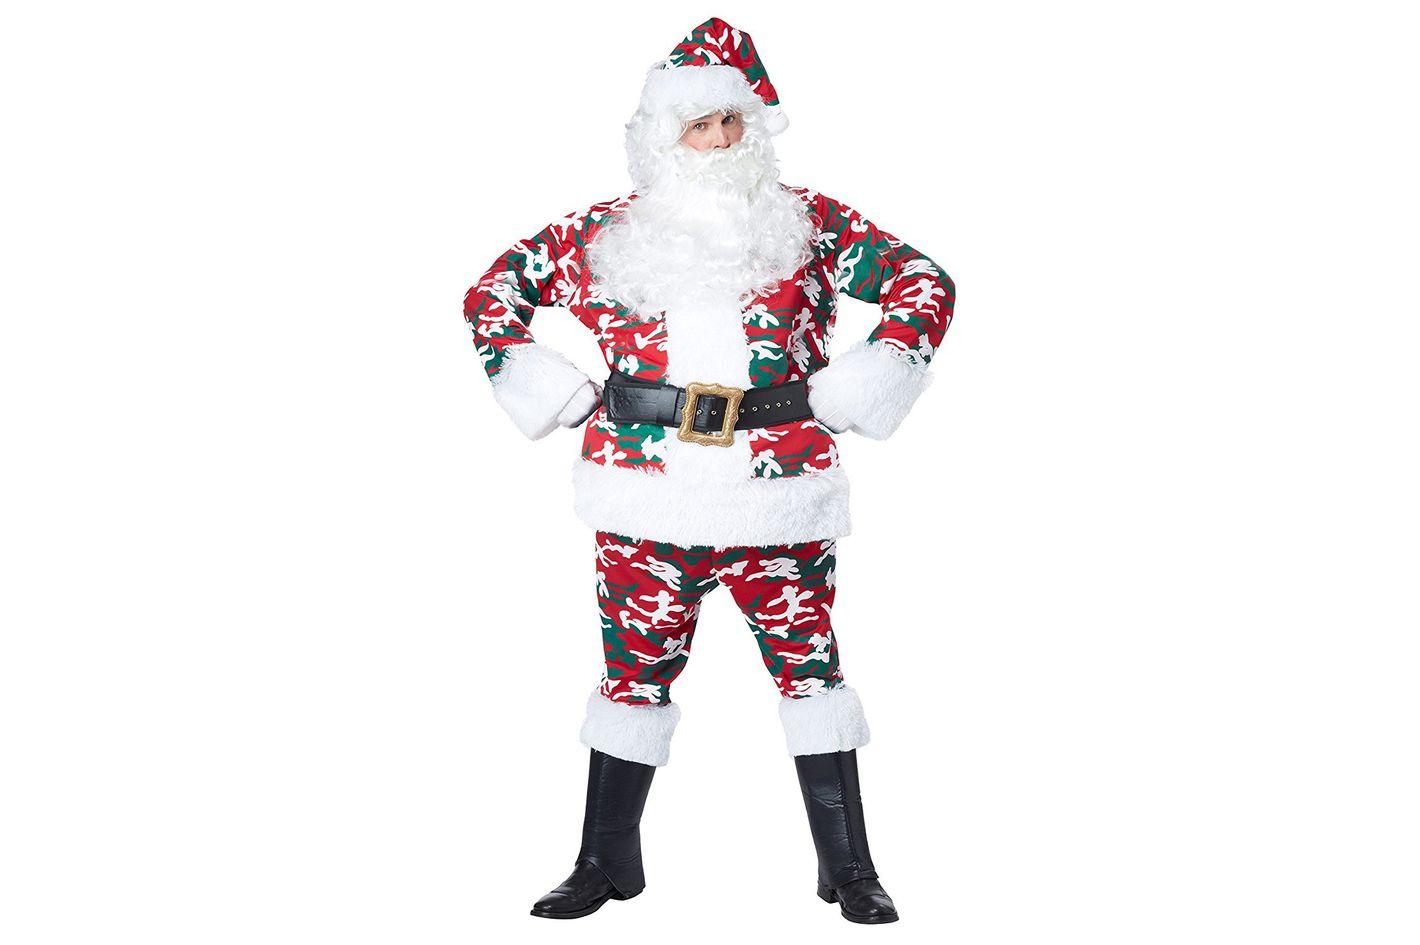 California Costumes Men's Camo Santa Suit Costume